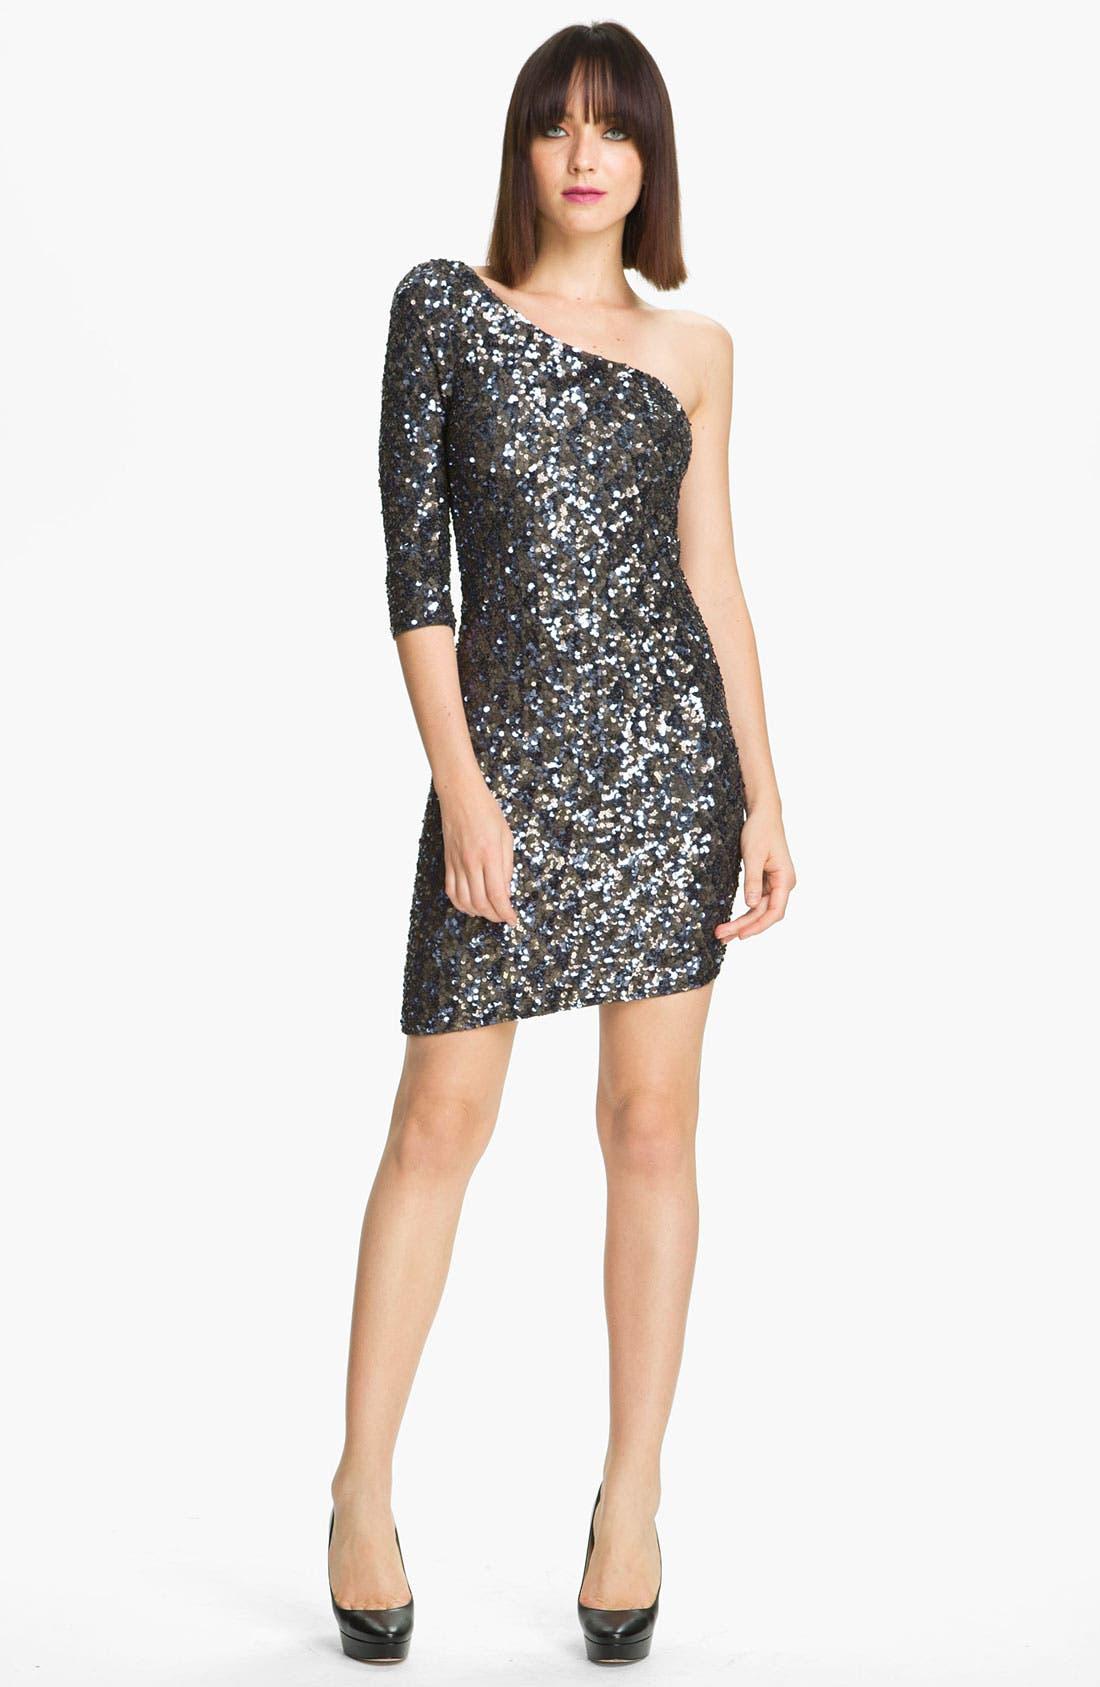 Alternate Image 1 Selected - Alice + Olivia 'Nicky' One Shoulder Sequin Dress